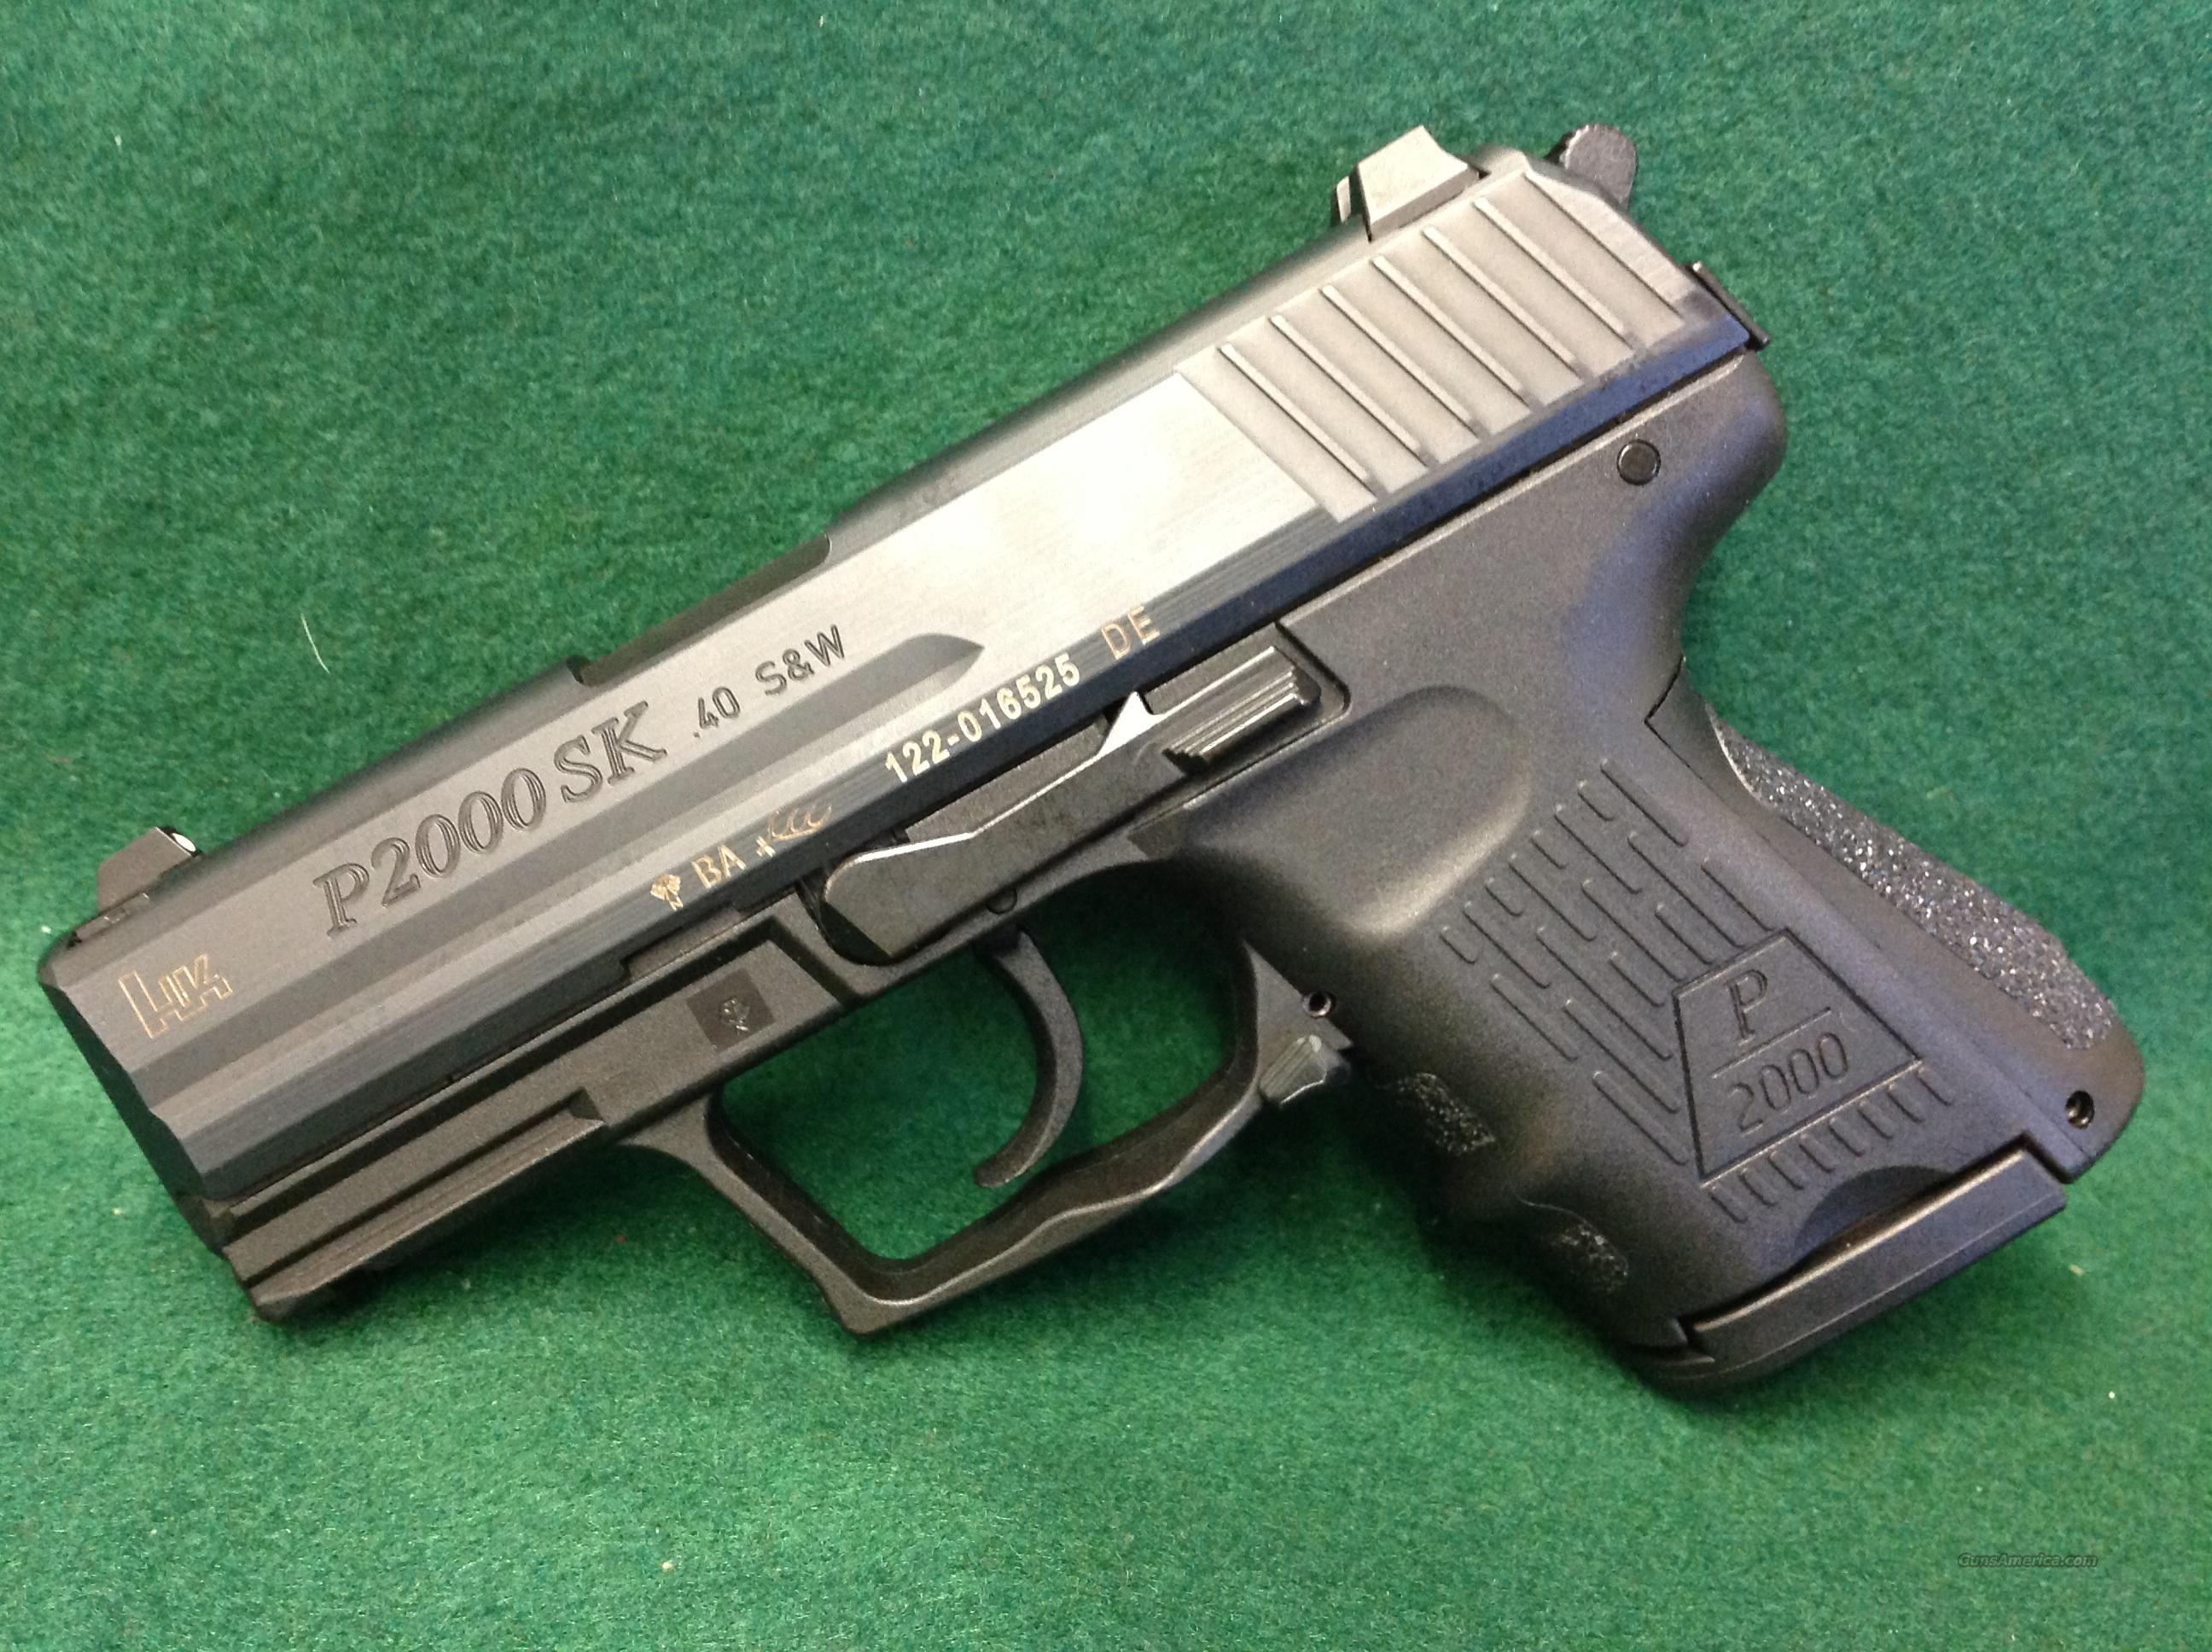 Heckler & Koch P2000SK  Guns > Pistols > Heckler & Koch Pistols > Polymer Frame